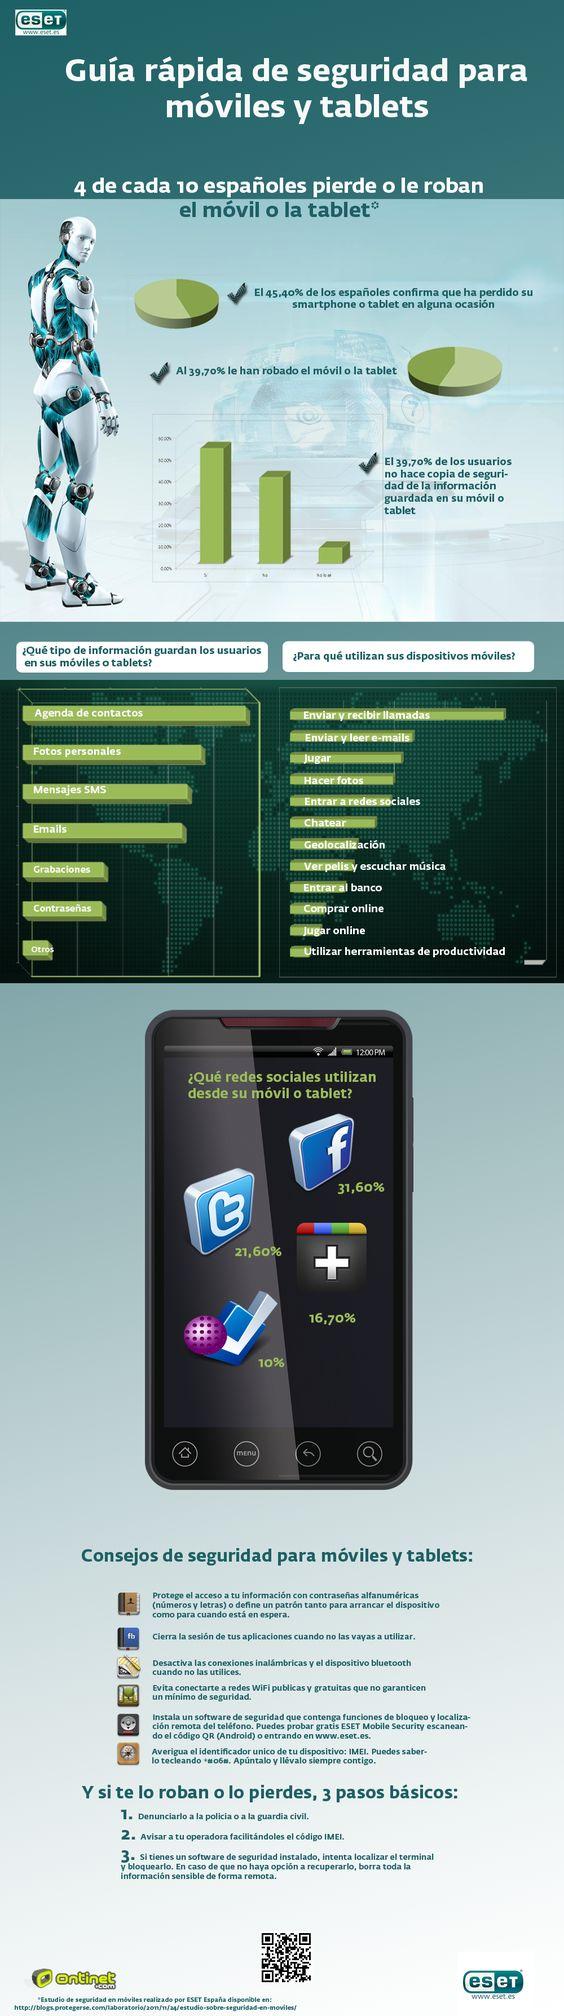 Infografía sobre consejos de seguridad en smartphones y tablets